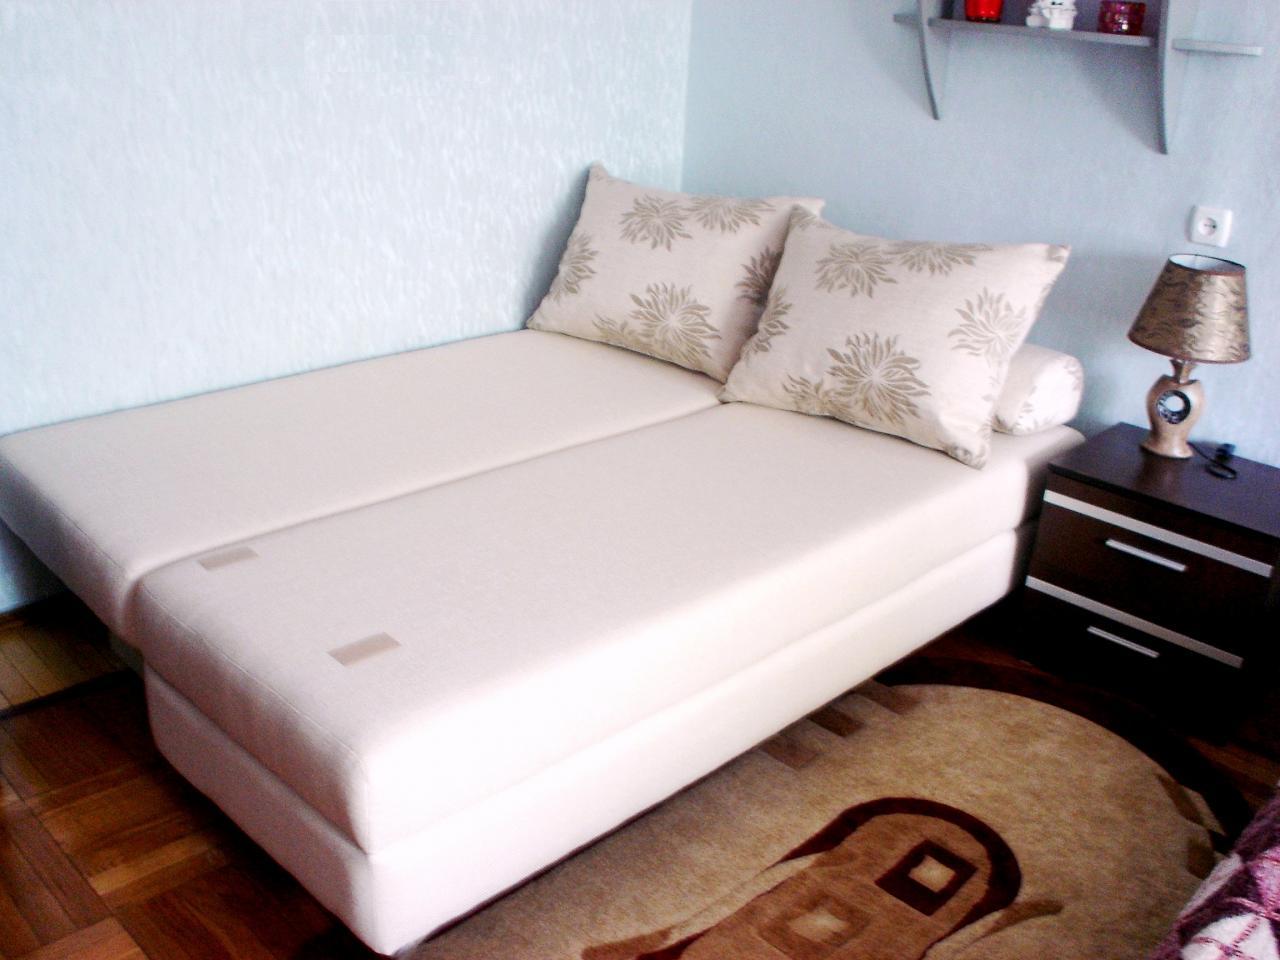 1-комнатная квартира посуточно в Одессе. Киевский район, ул. Ильфа и Петрова, 29 (2)